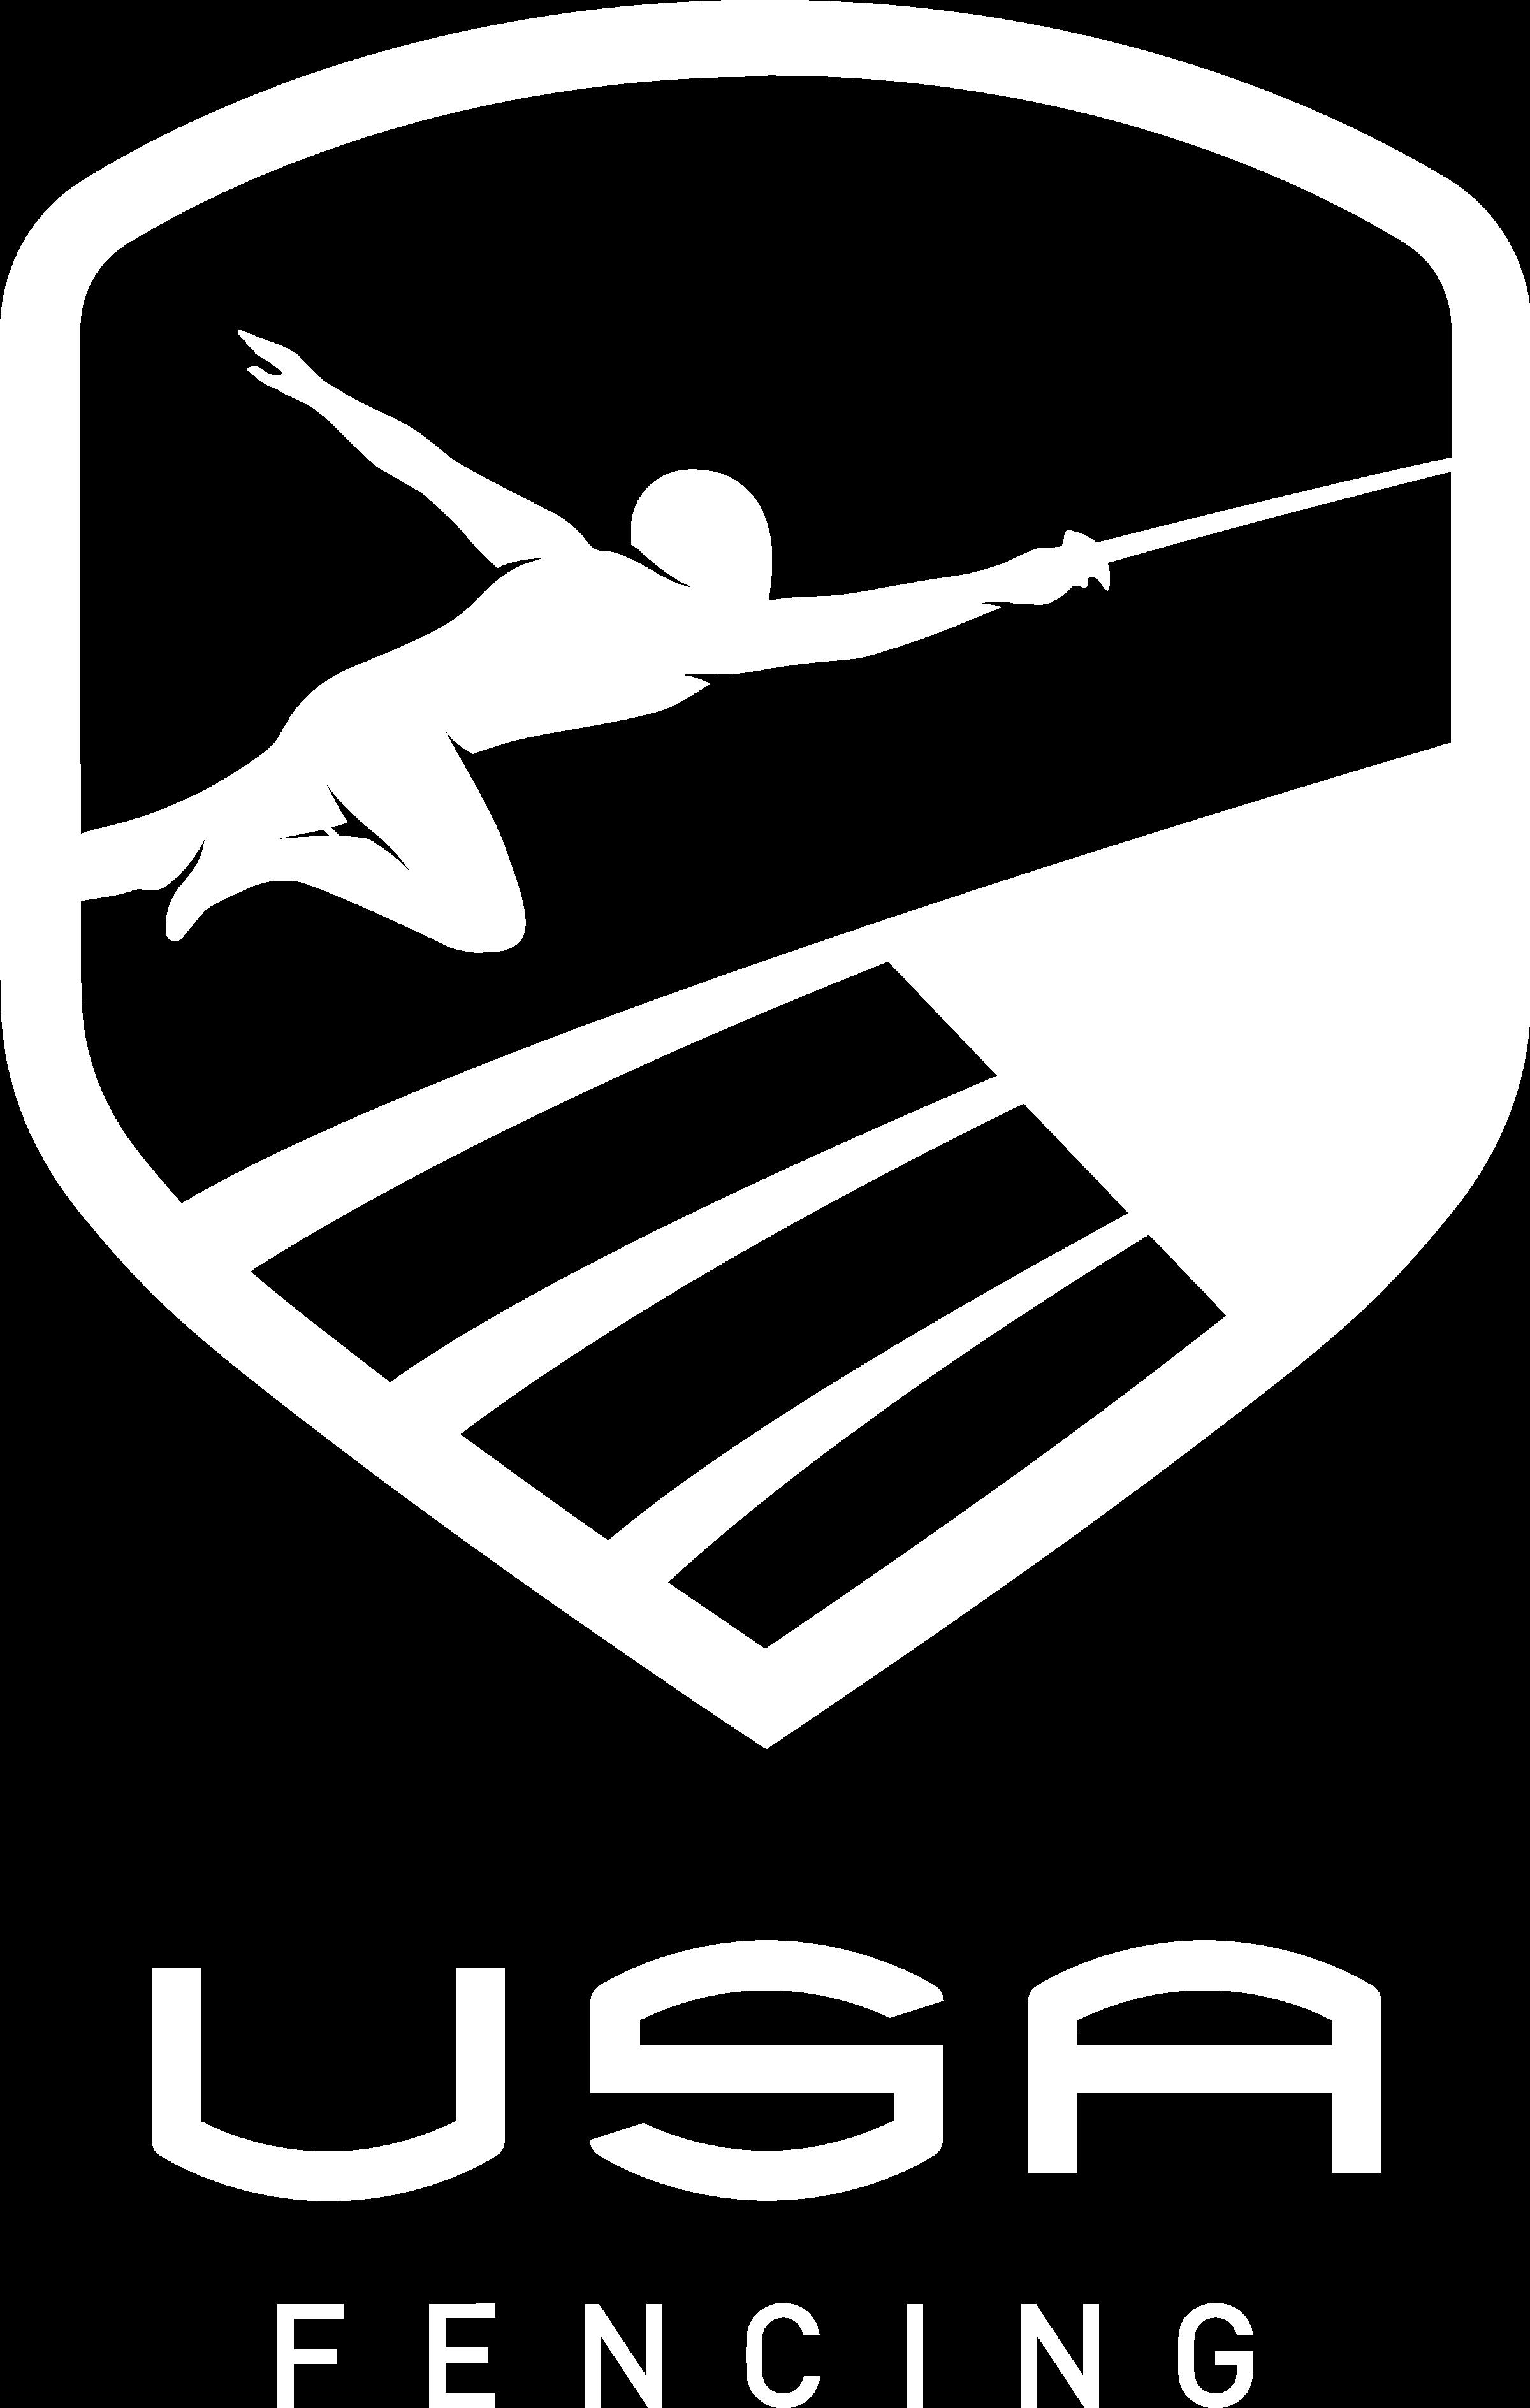 USA Fencing Logo PNG Transparent & SVG Vector.